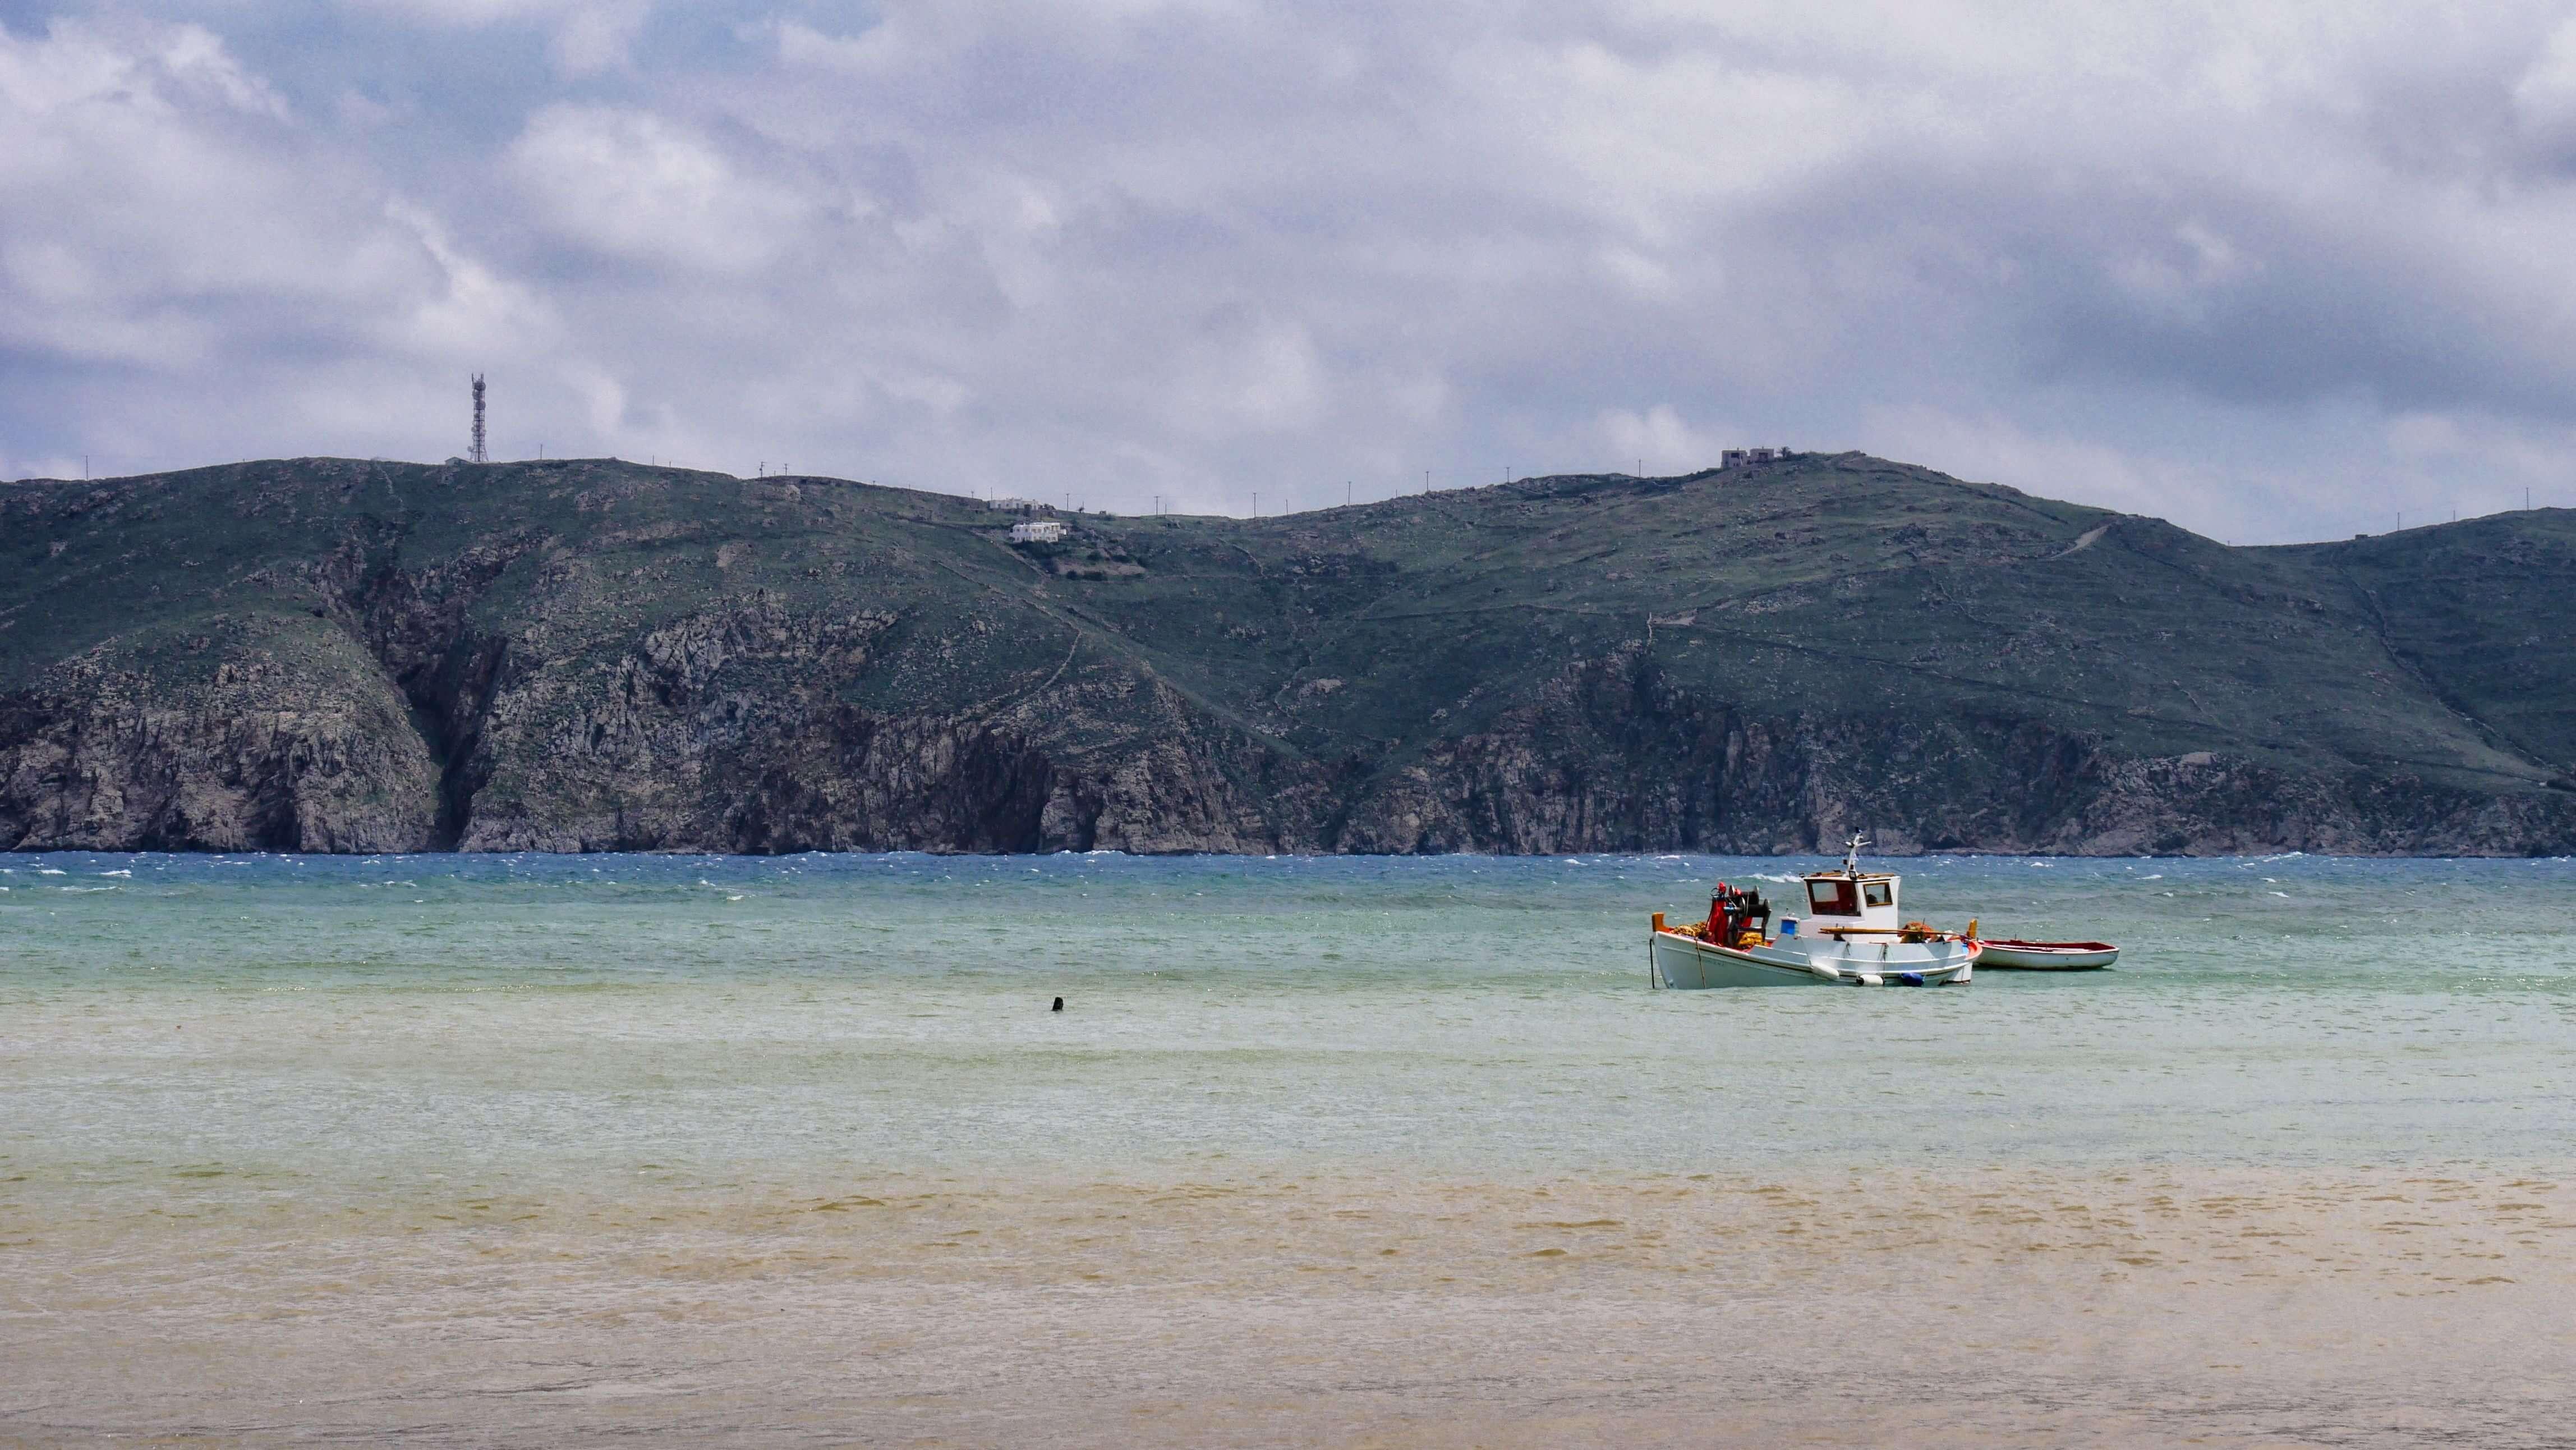 Falaises de l'anse de Panormos, Mykonos, Grèce